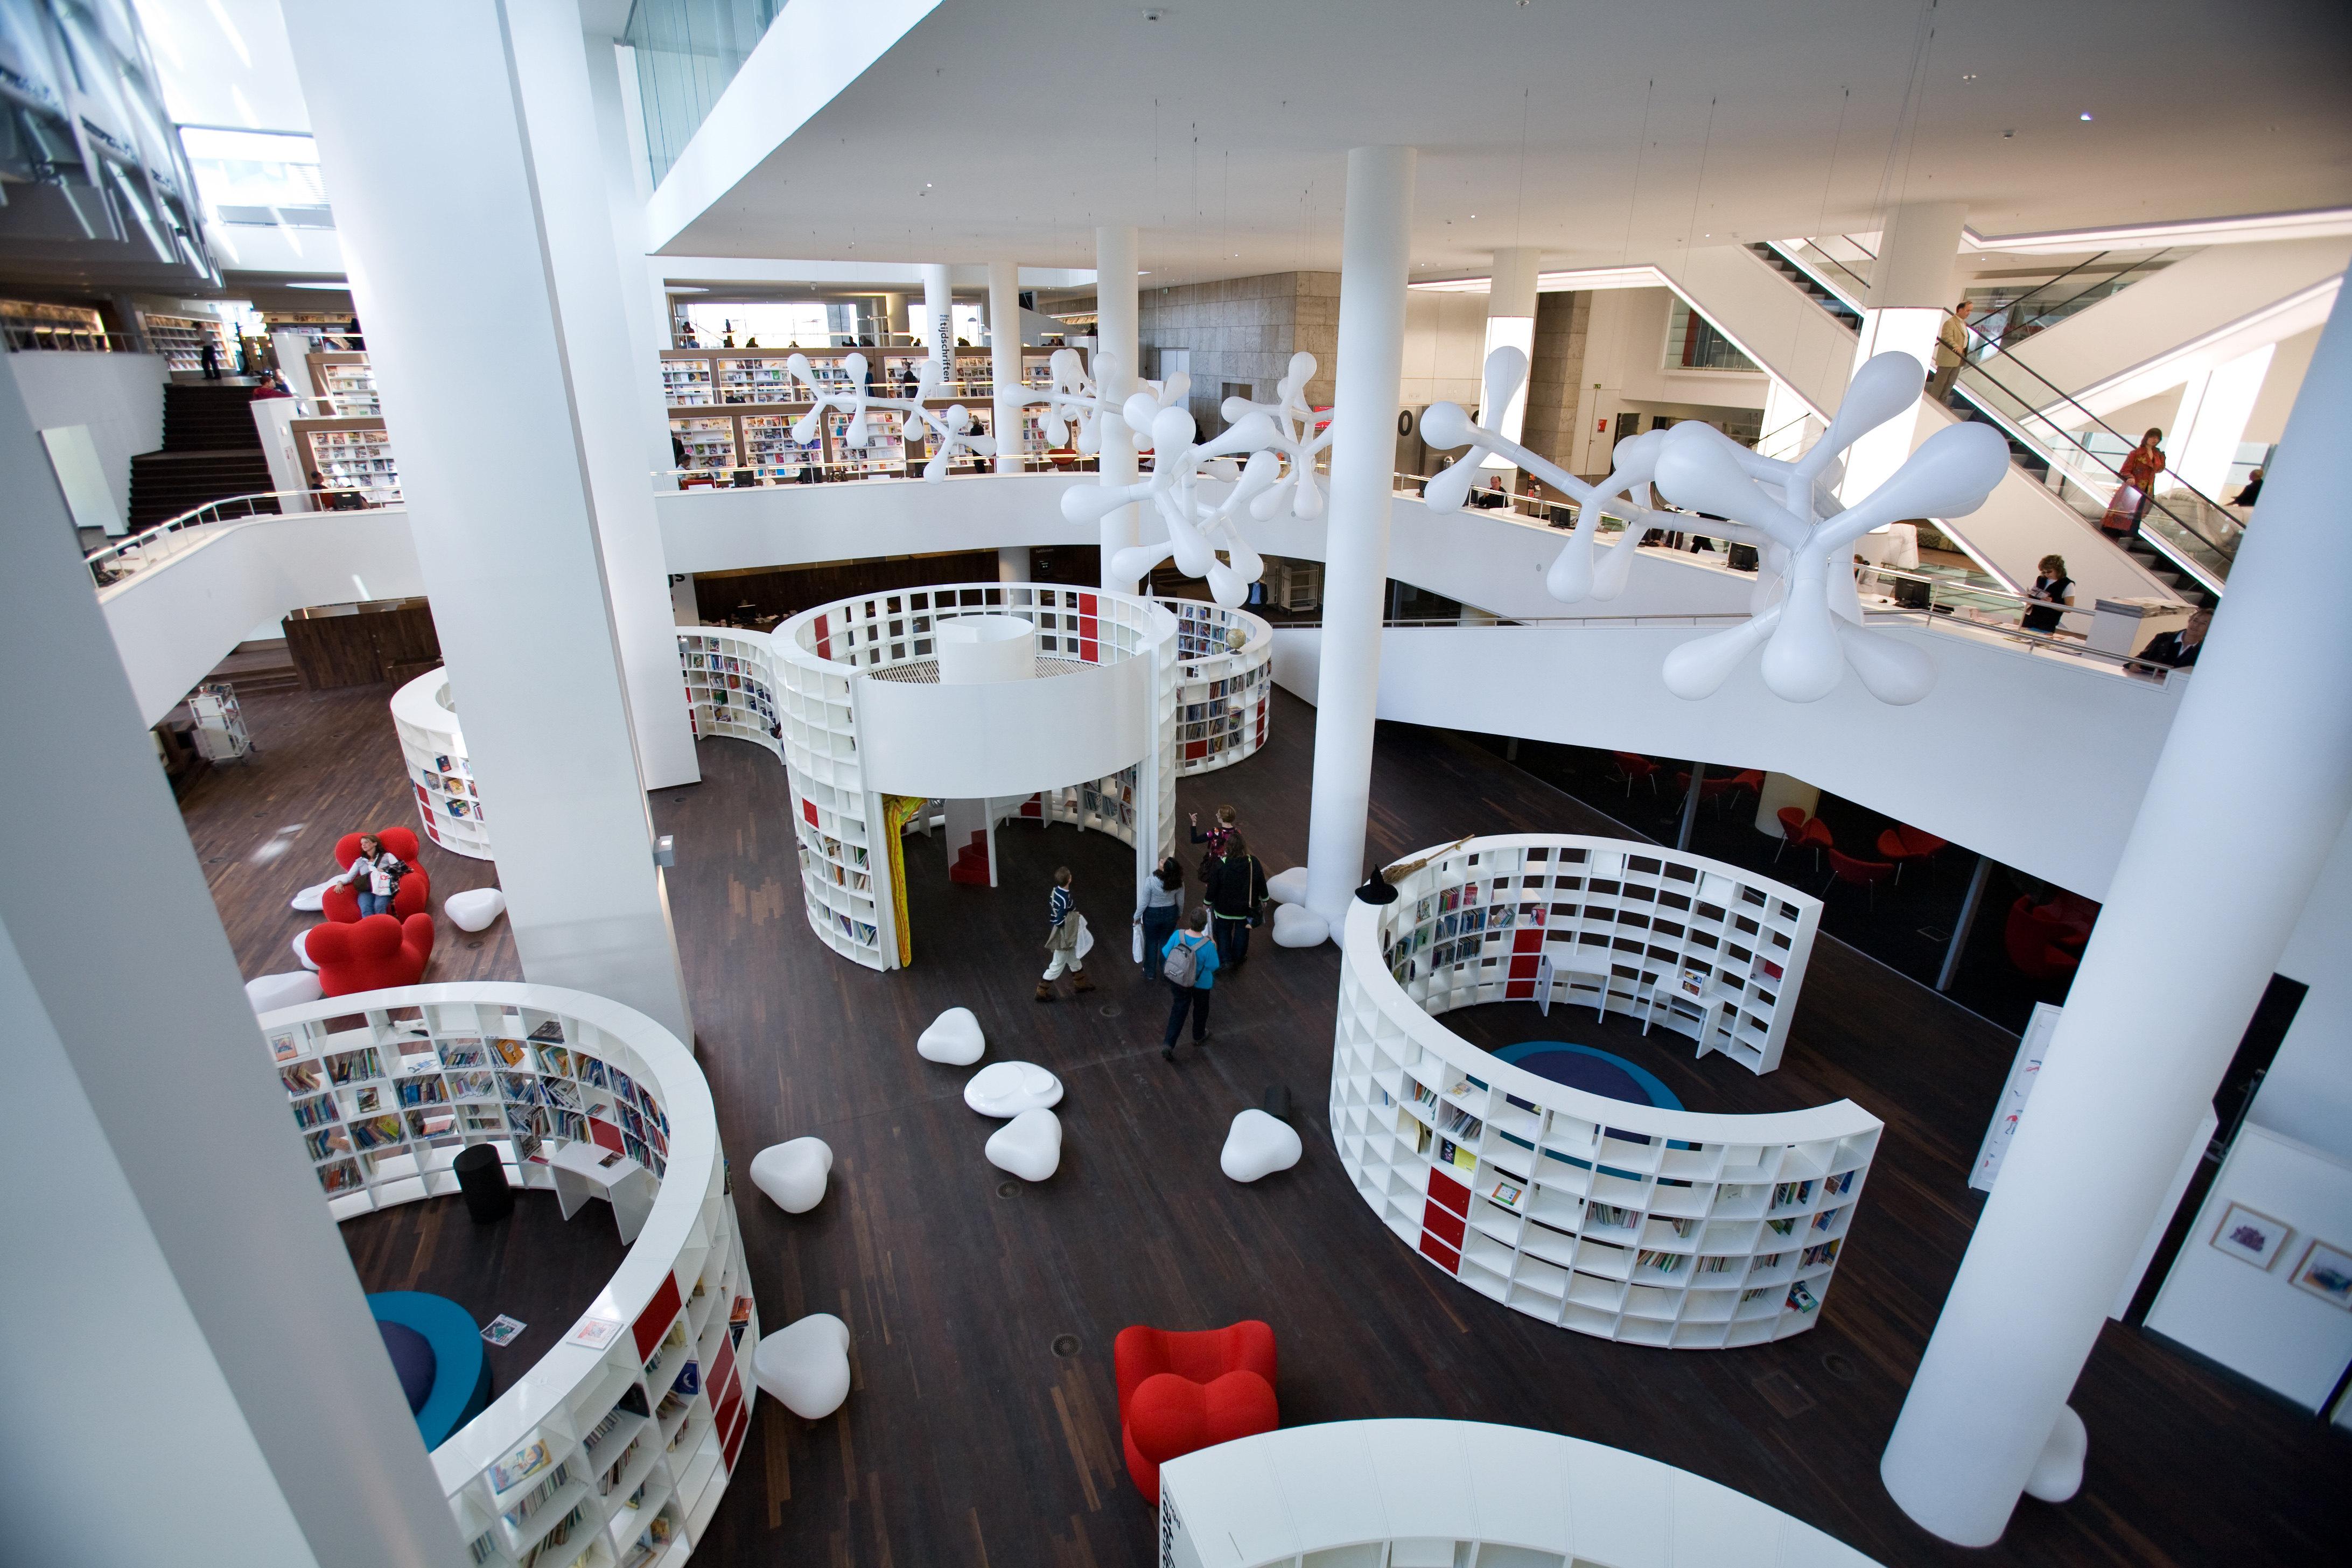 阿姆斯特丹中央图书馆  Central Library   -0